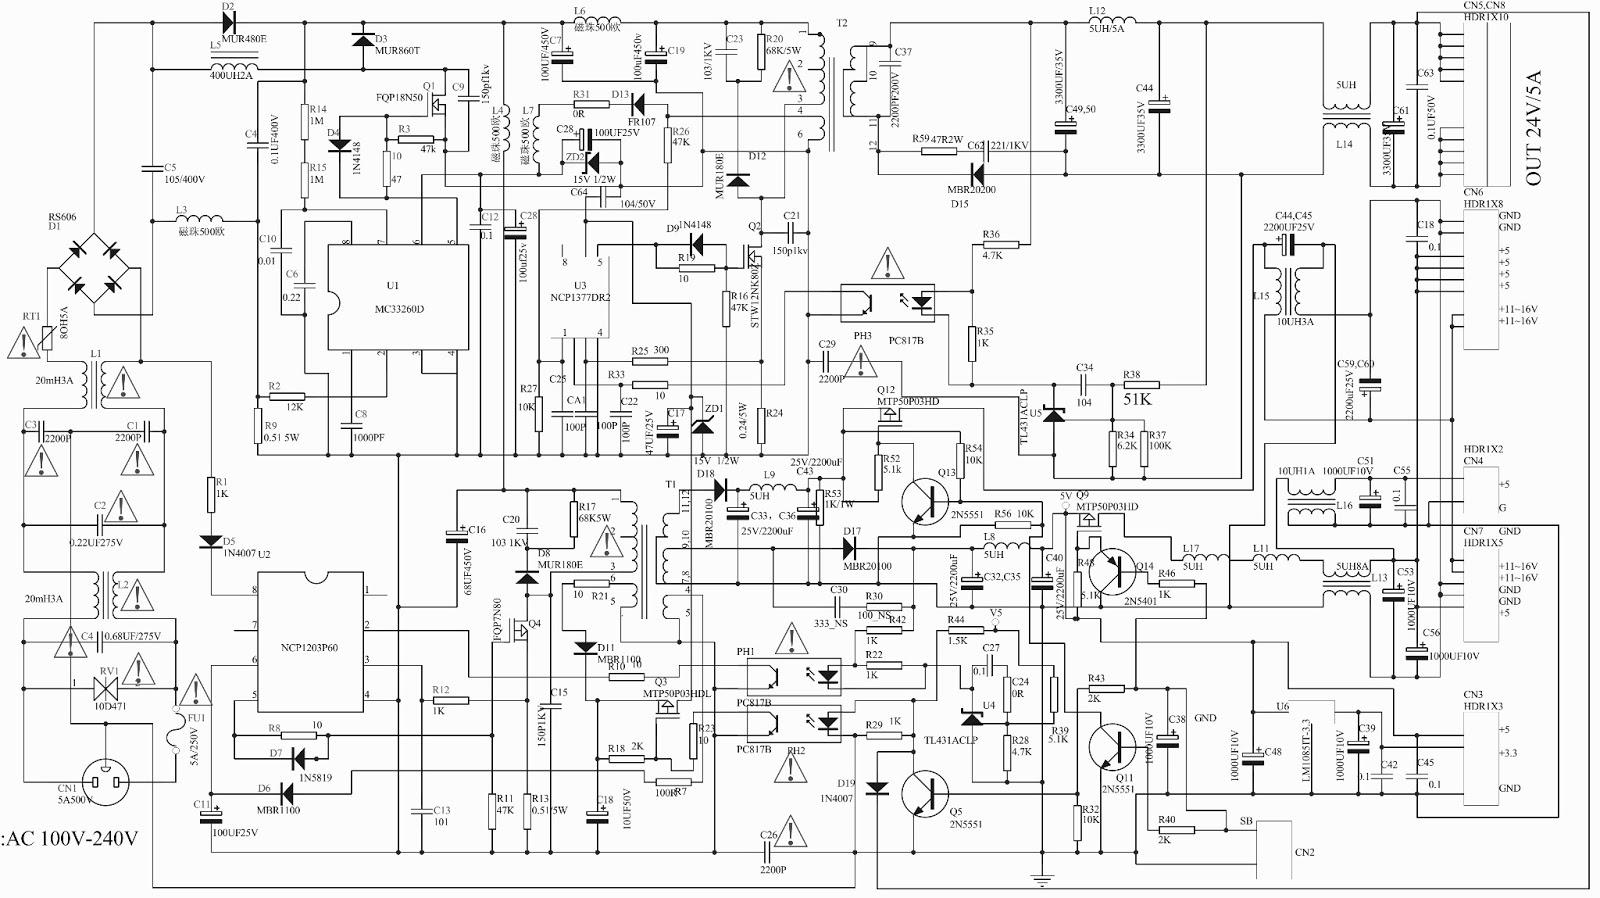 mitsubishi television schematics peterbilt schematics